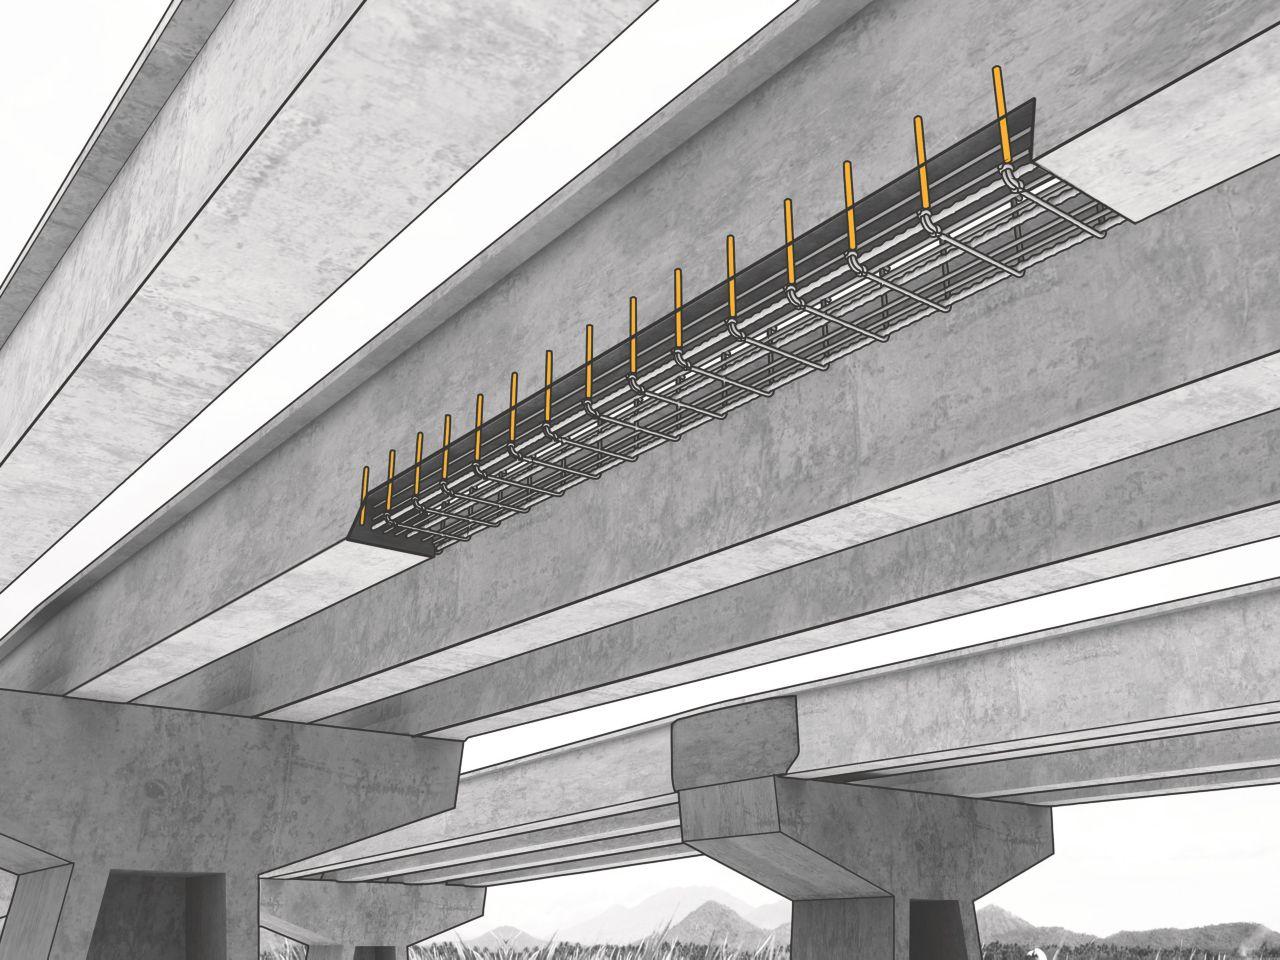 Vijaki pritrjeni v betonski most s SikaAnchorFix sidrno maso